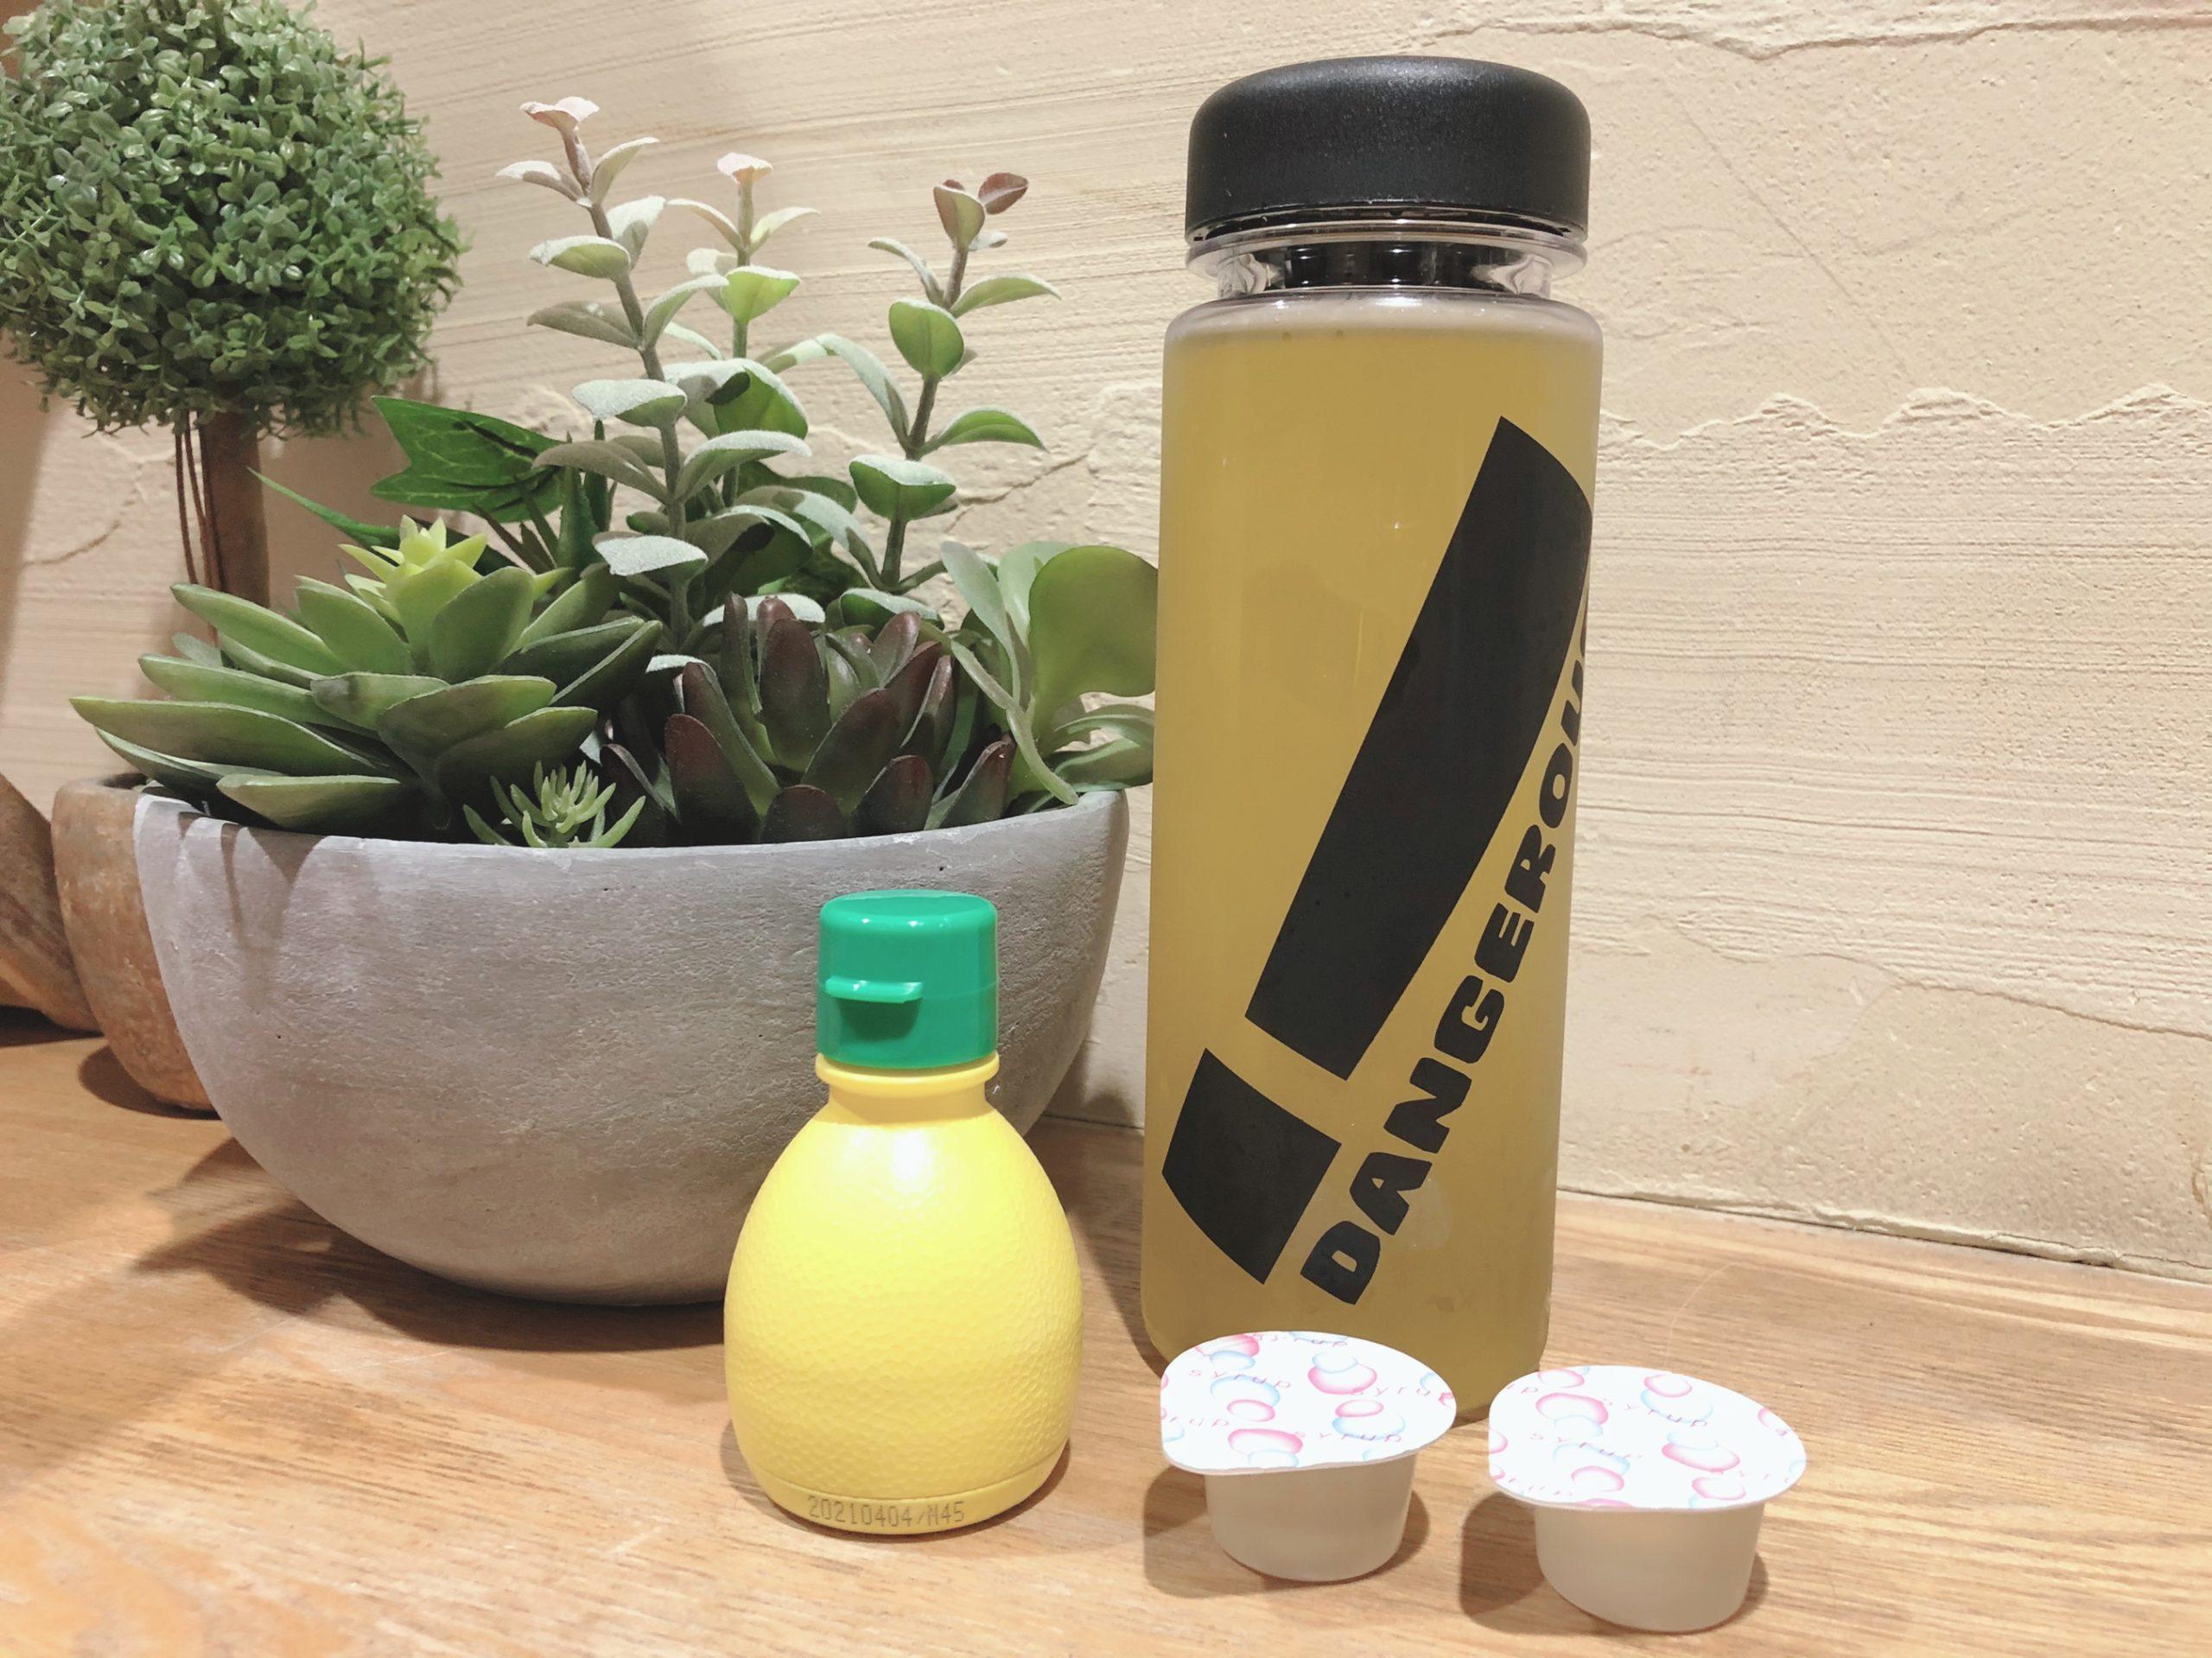 レモン 緑茶 砂糖 「アイドル水」で5kg減?レモン汁と砂糖と緑茶の飲み物がまずいけど痩せると話題!